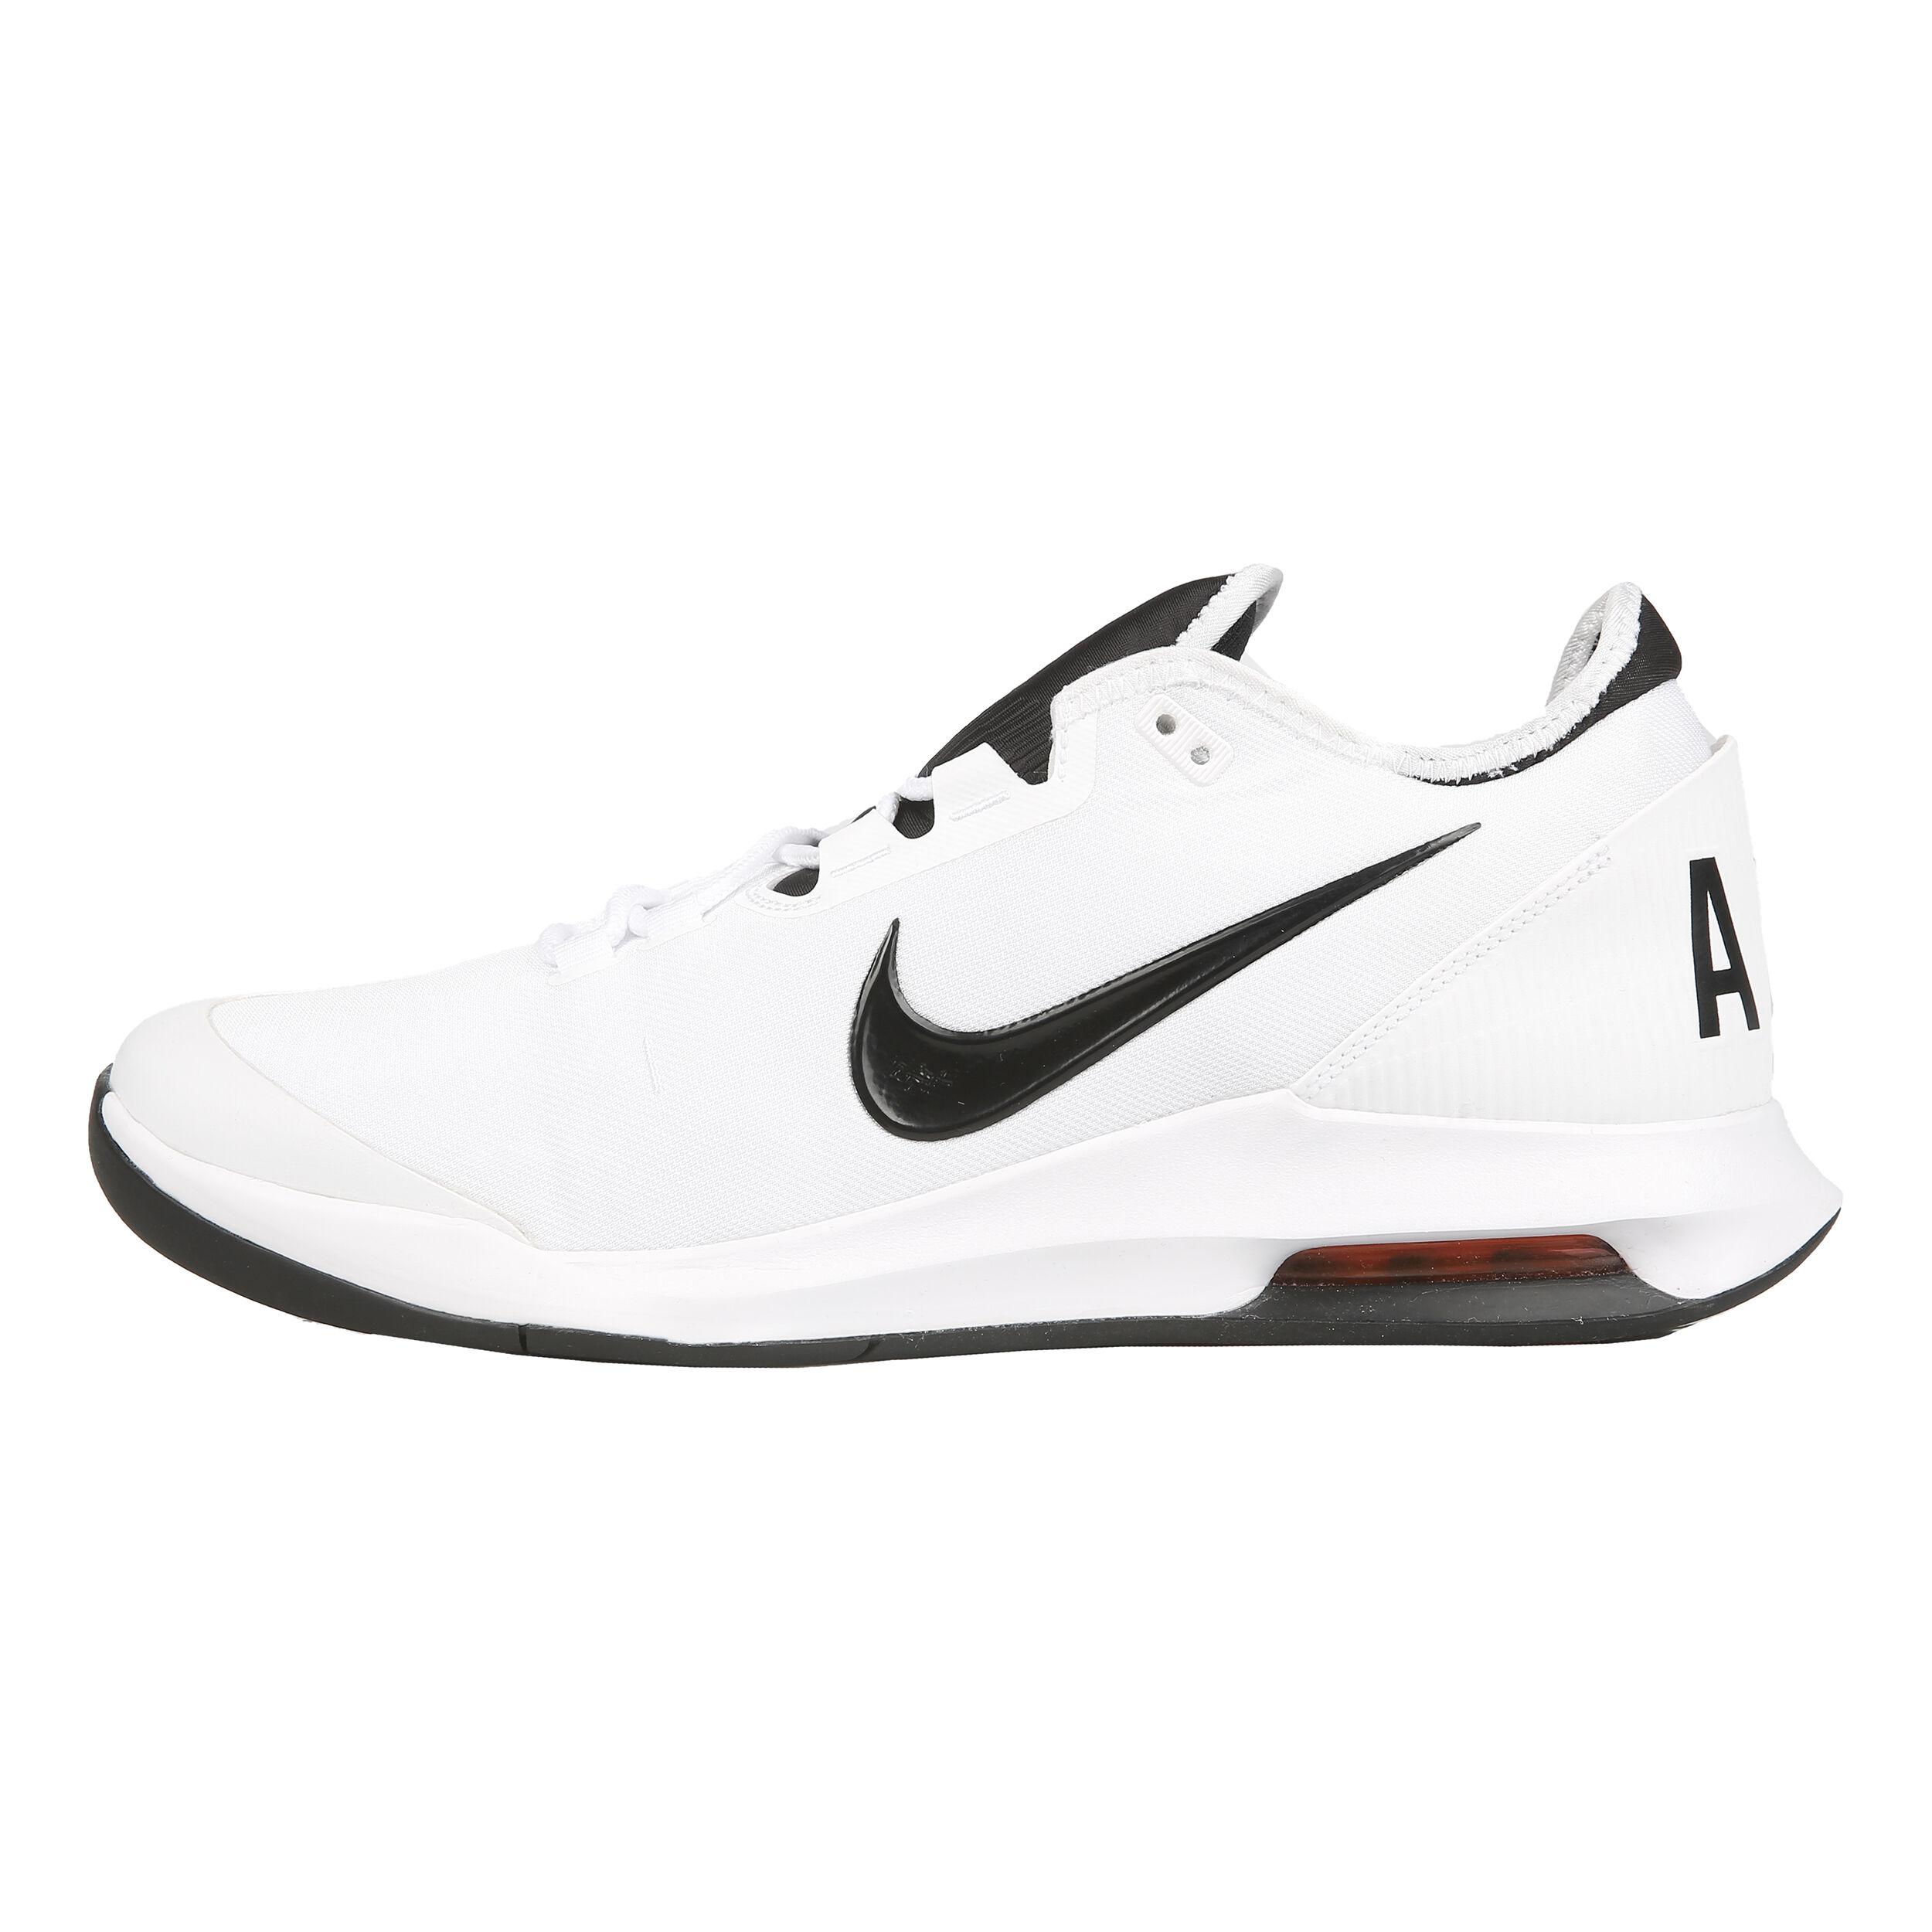 Nike Air Max Wildcard HC Chaussures Toutes Surfaces Hommes - Blanc ...